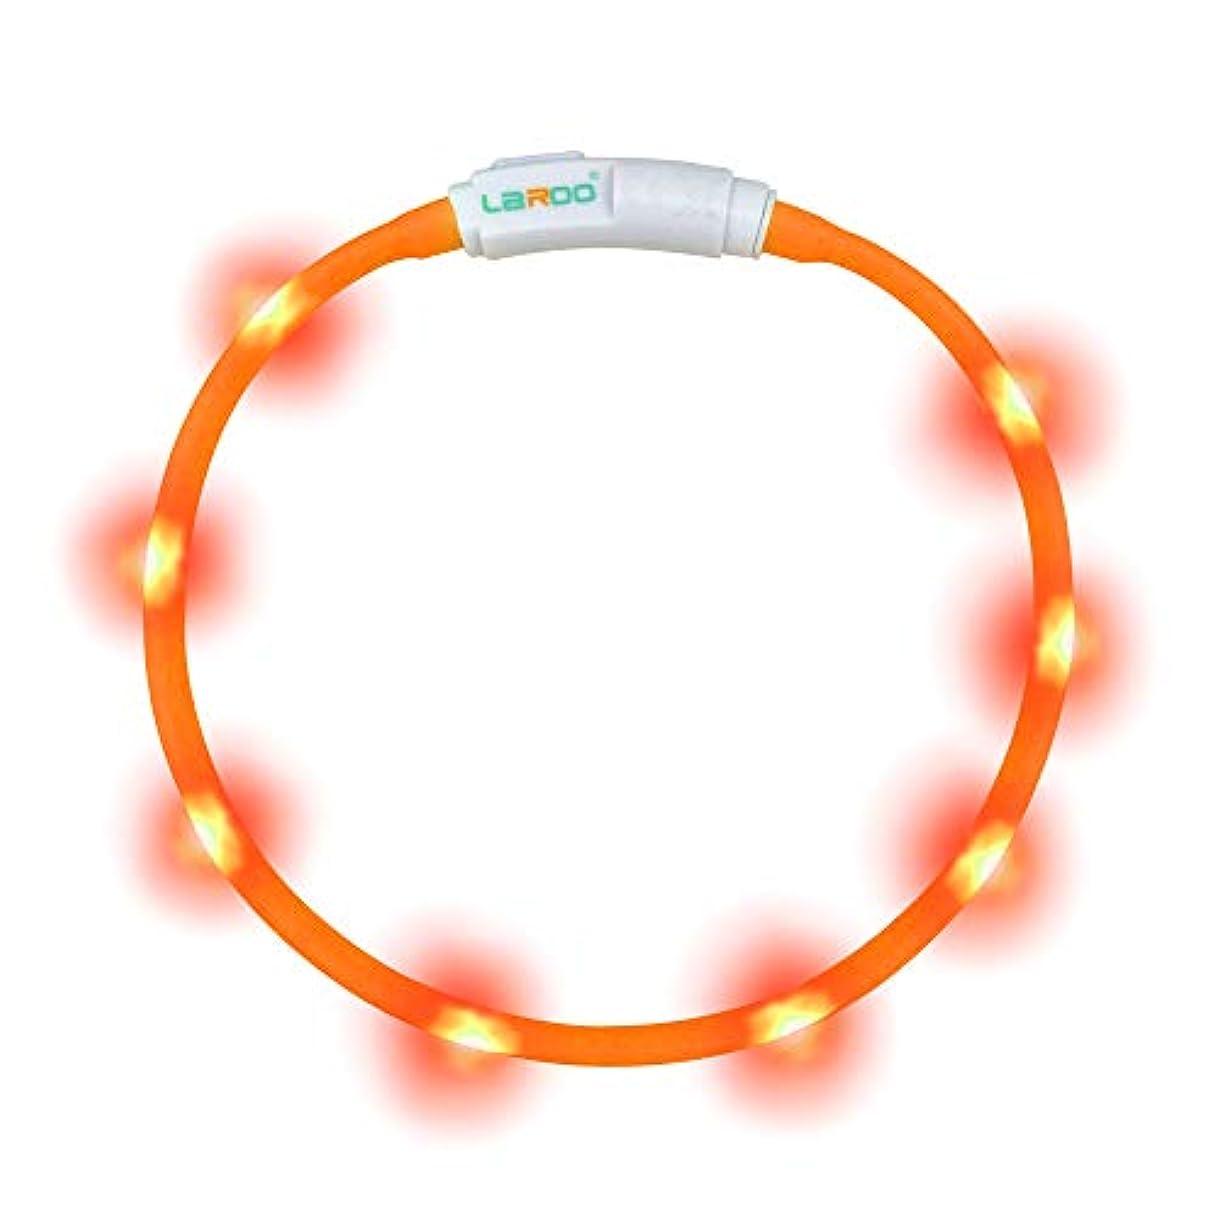 寛容セイはさておき期待してLaRoo-LED光る首輪 犬猫用長さ可調節-軽量USB充電式夜道の安全 発光首輪 -3モード発光 お散歩安全対策 視認性抜群(45cmオレンジ色)